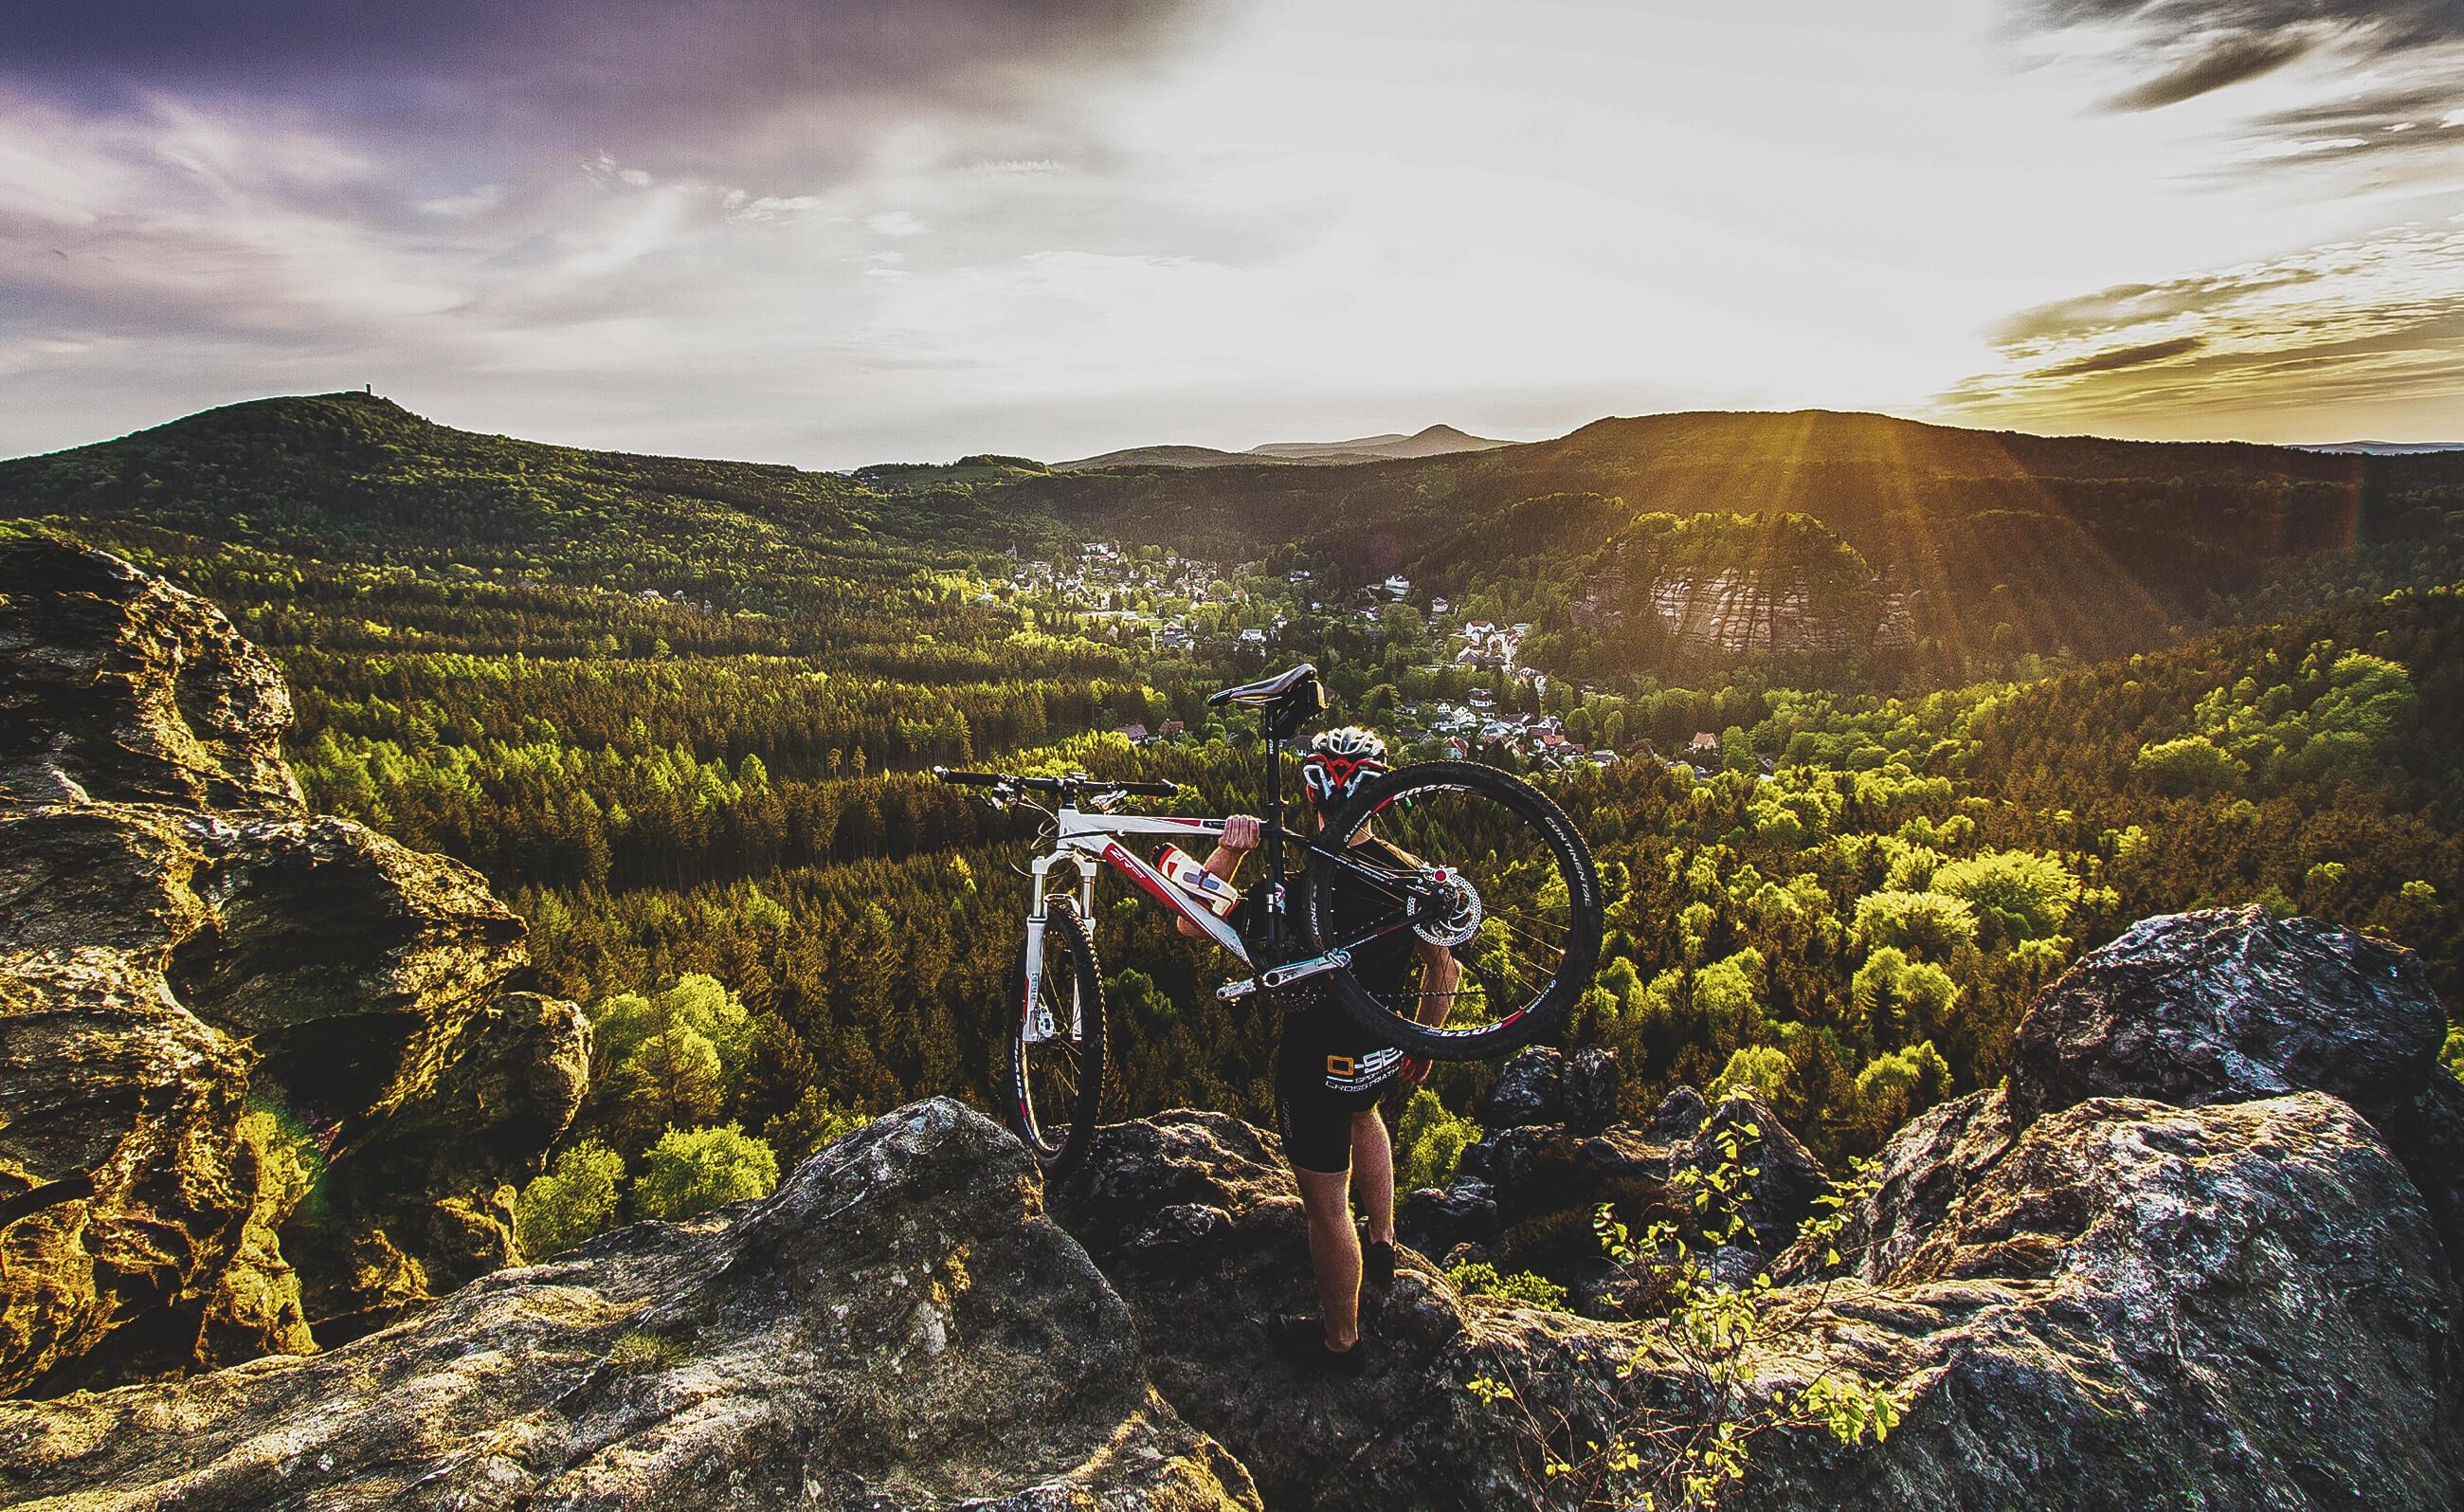 Trixi Ferienpark Zittauer Gebirge Angebote Aktivurlauber Radfahren Mountainbike Landschaft Ausblick